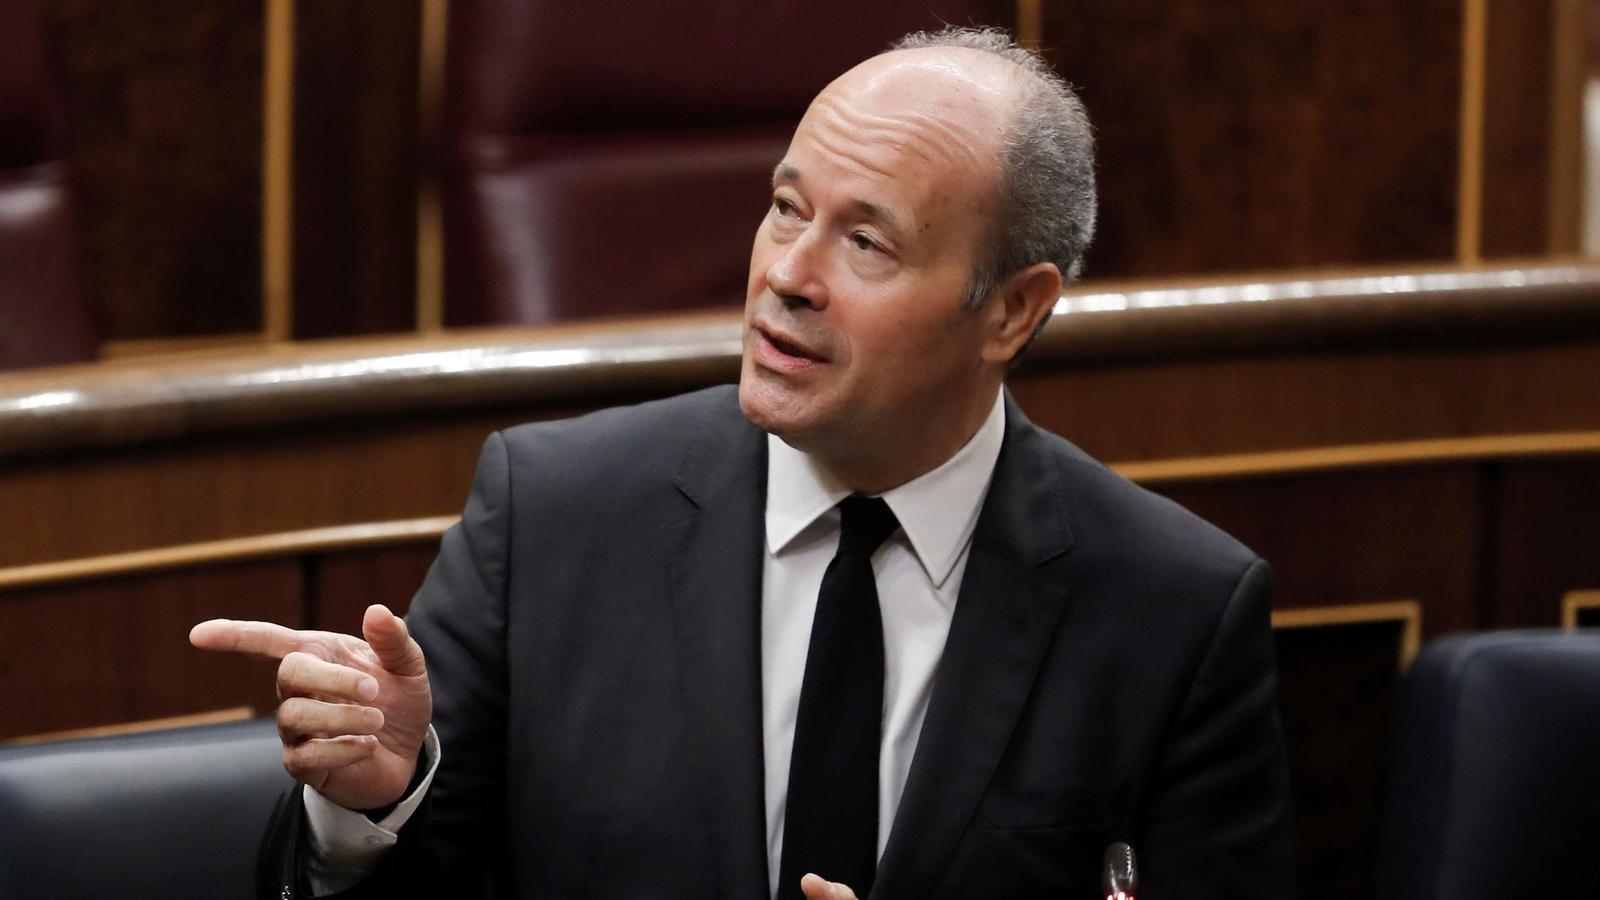 El ministre de Justícia, Juan Carlos Campo, durant la sessió de control al govern espanyol.